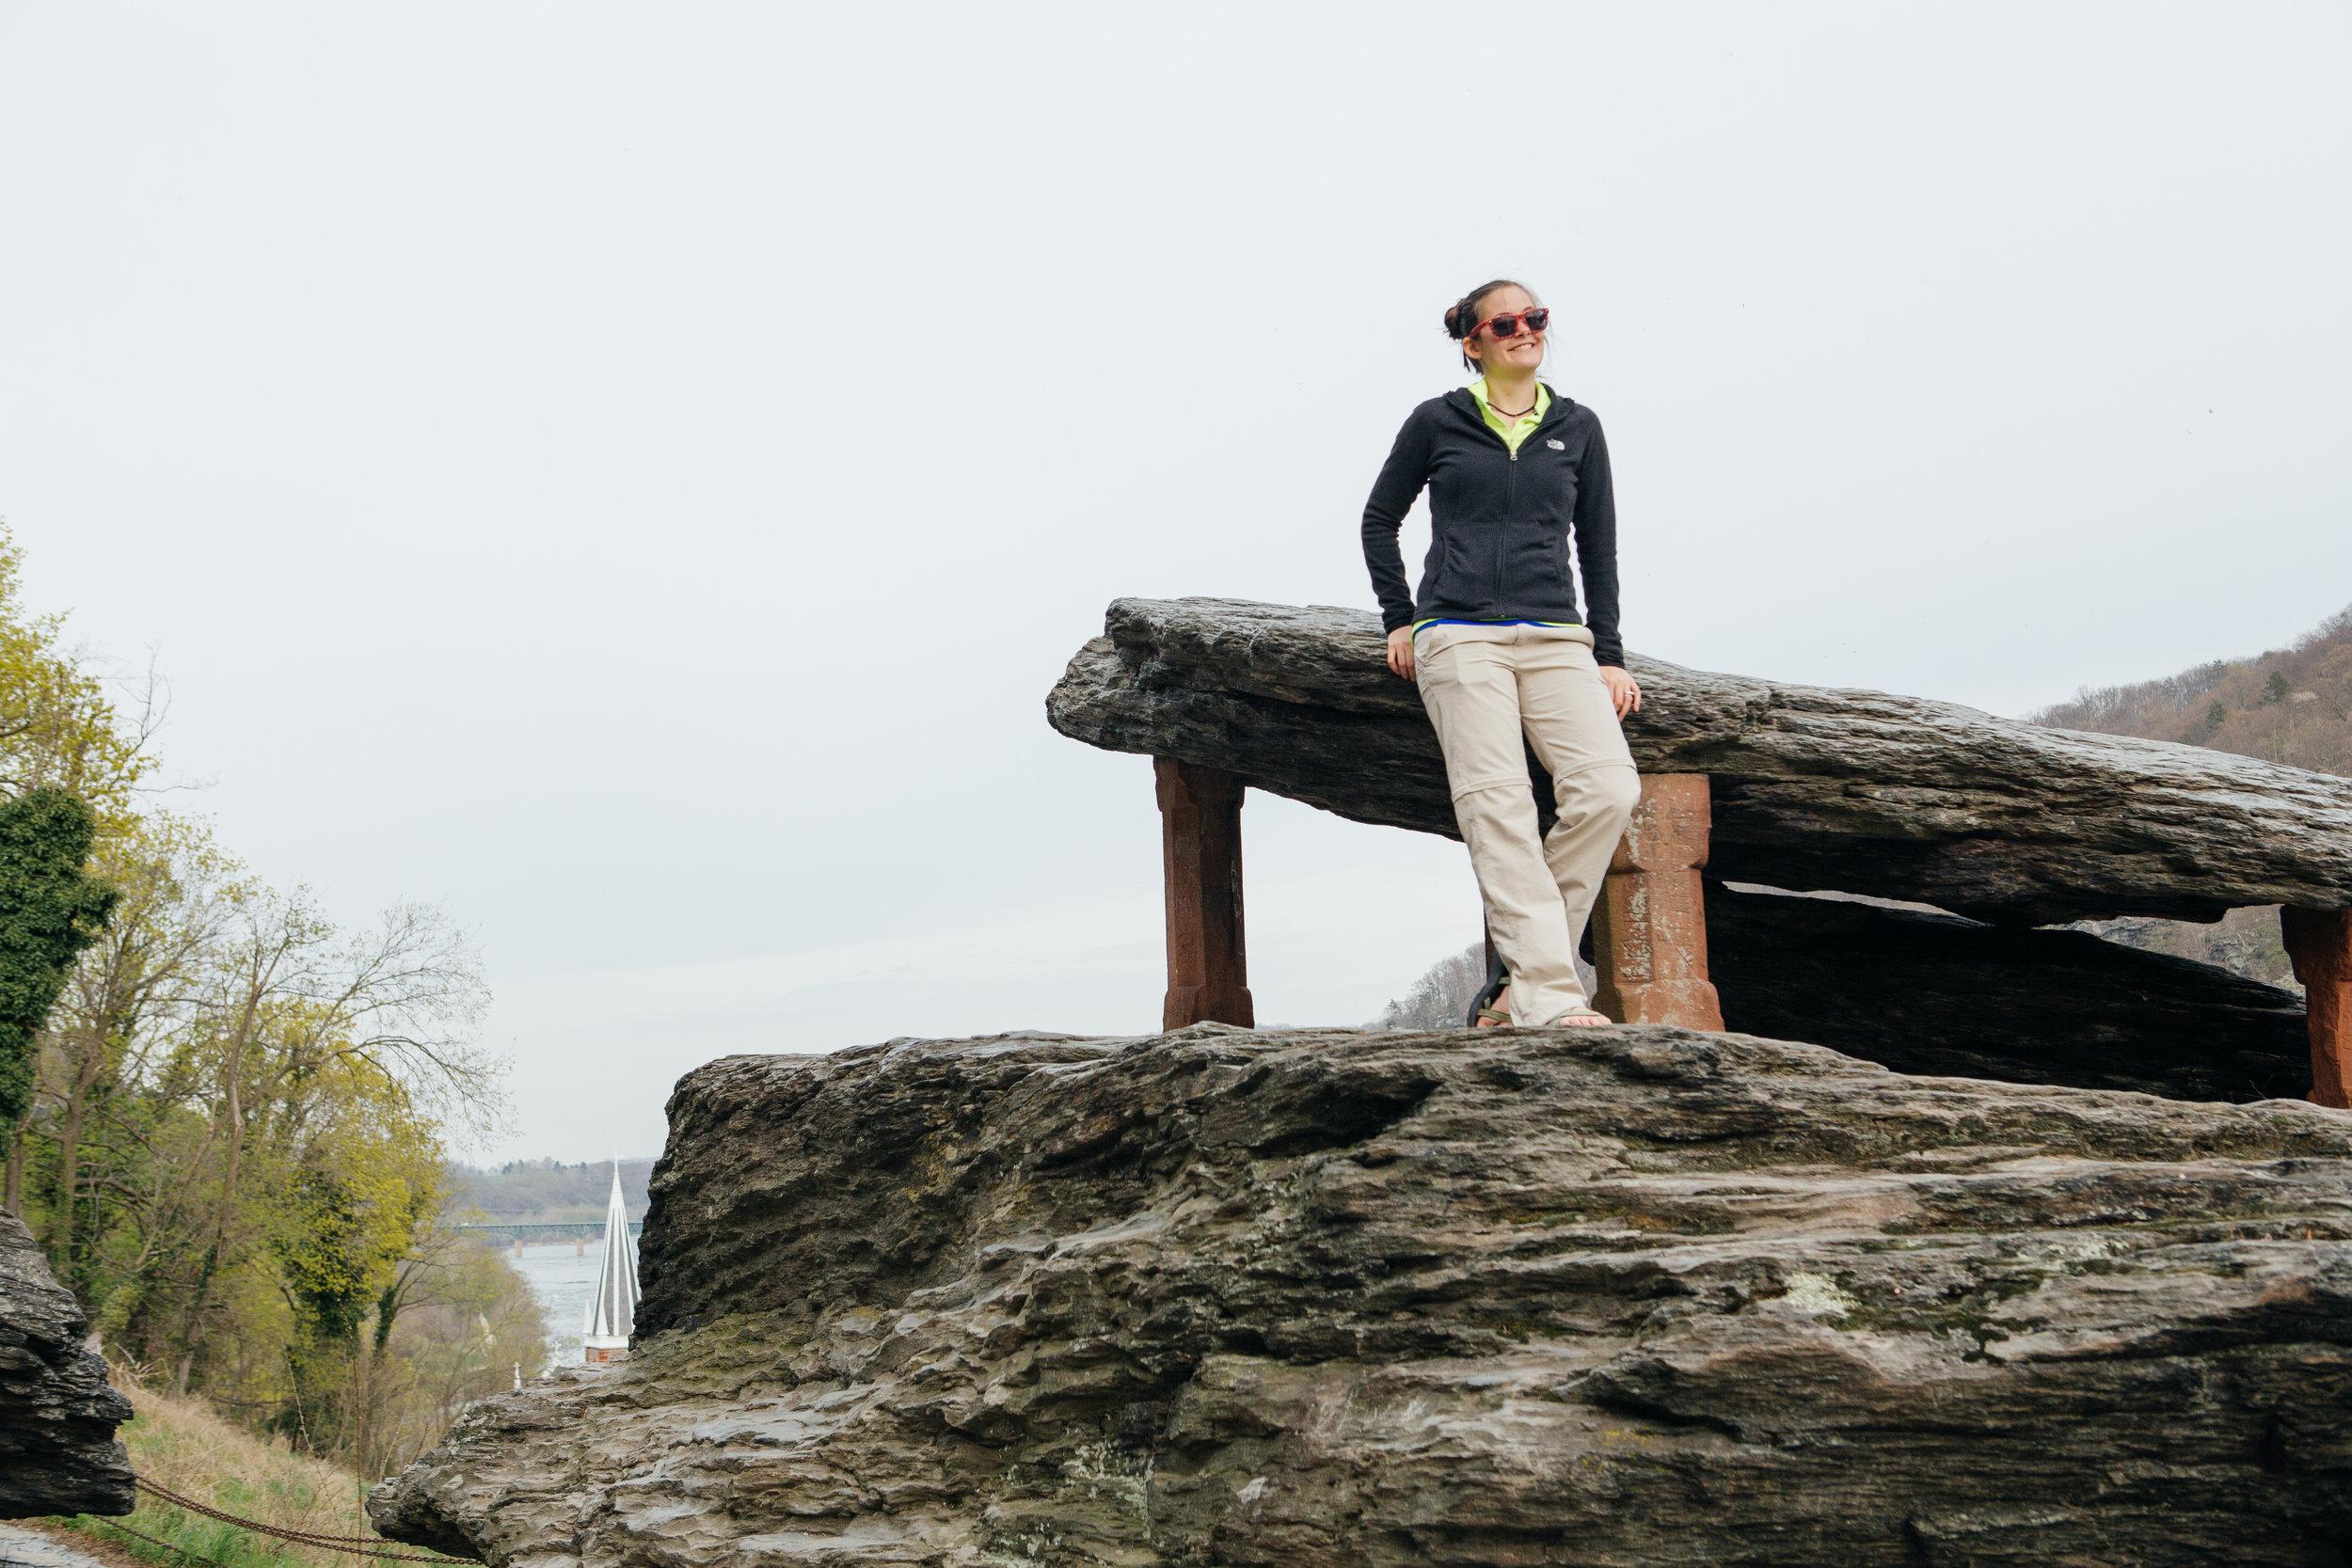 Jefferson Rock in Harper's Ferry, WV.